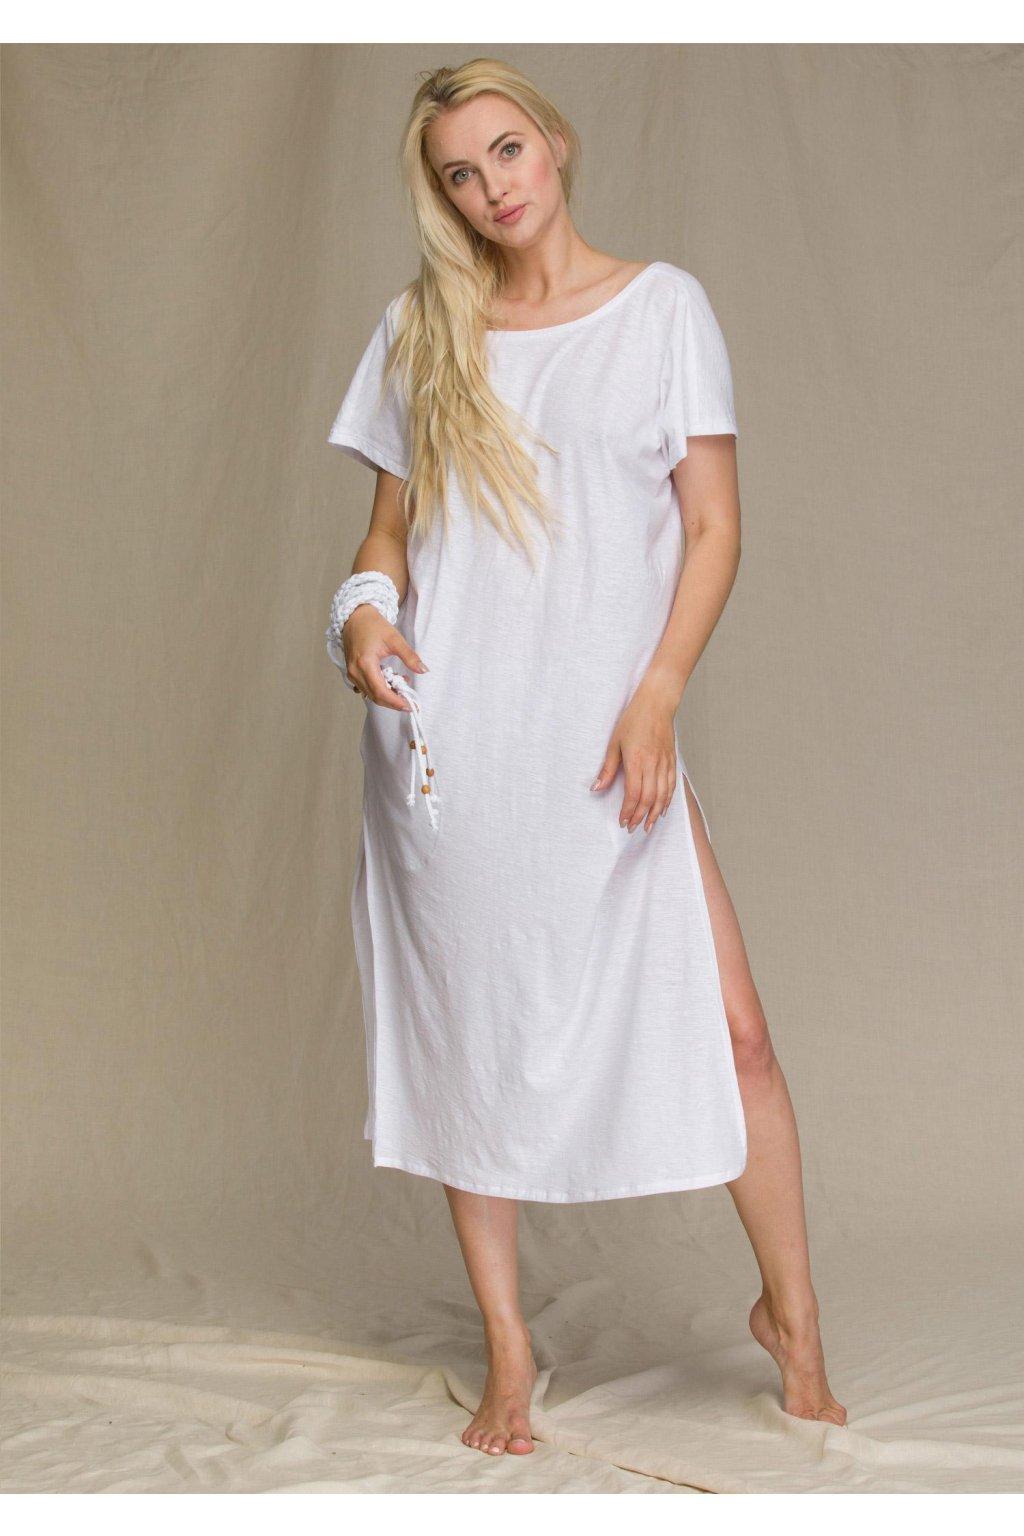 dluga bawelniana sukienka damska homewear lhd 131 1